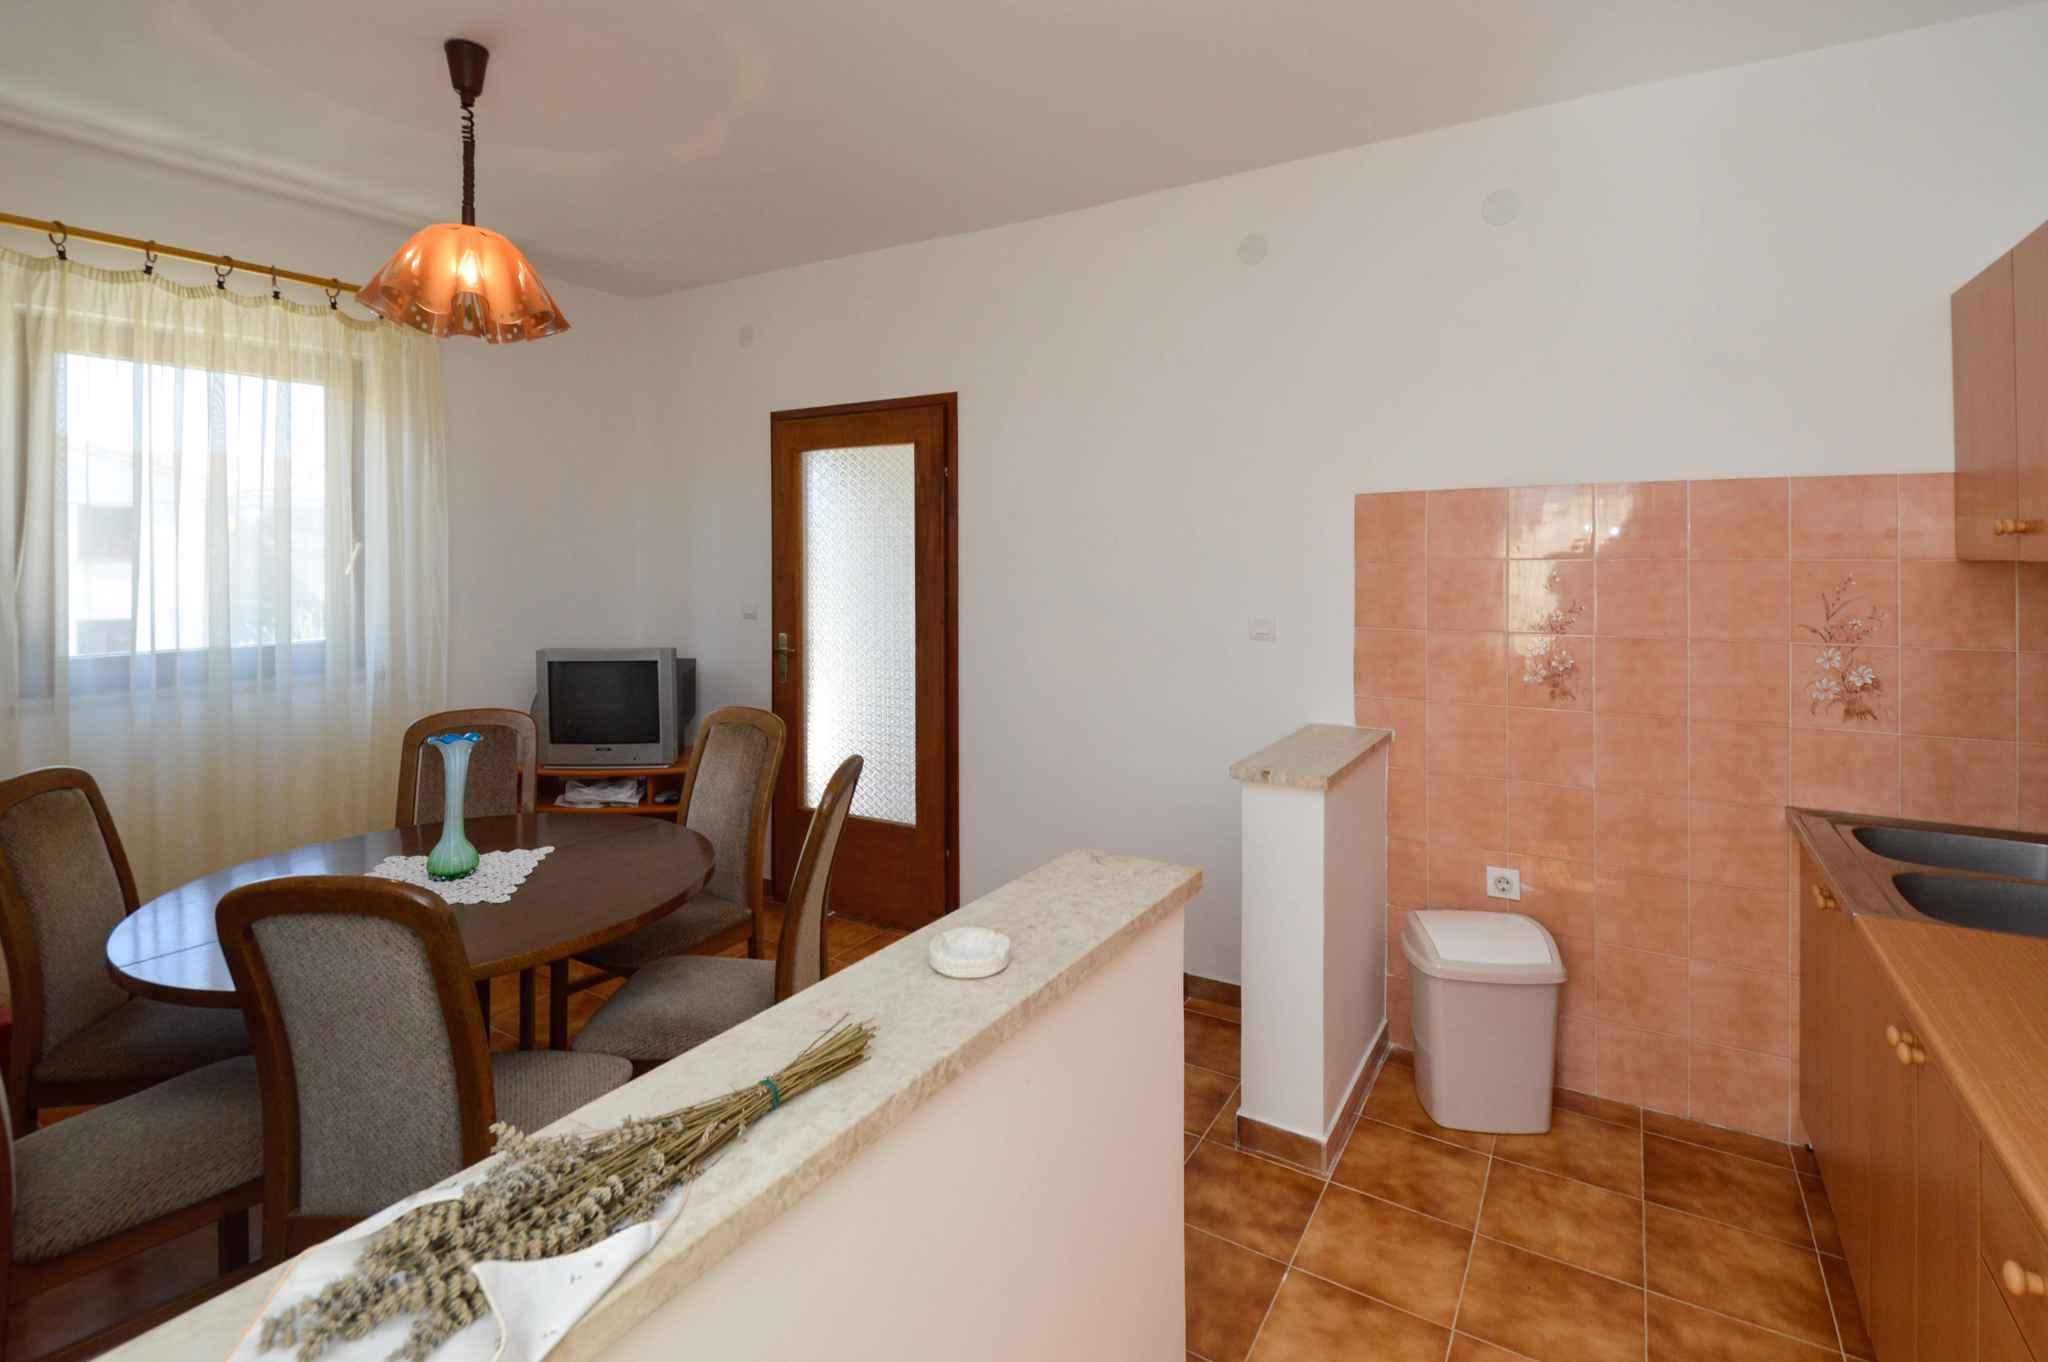 Ferienhaus mit Aussenpool im Dorf (974973), Marcana, , Istrien, Kroatien, Bild 8